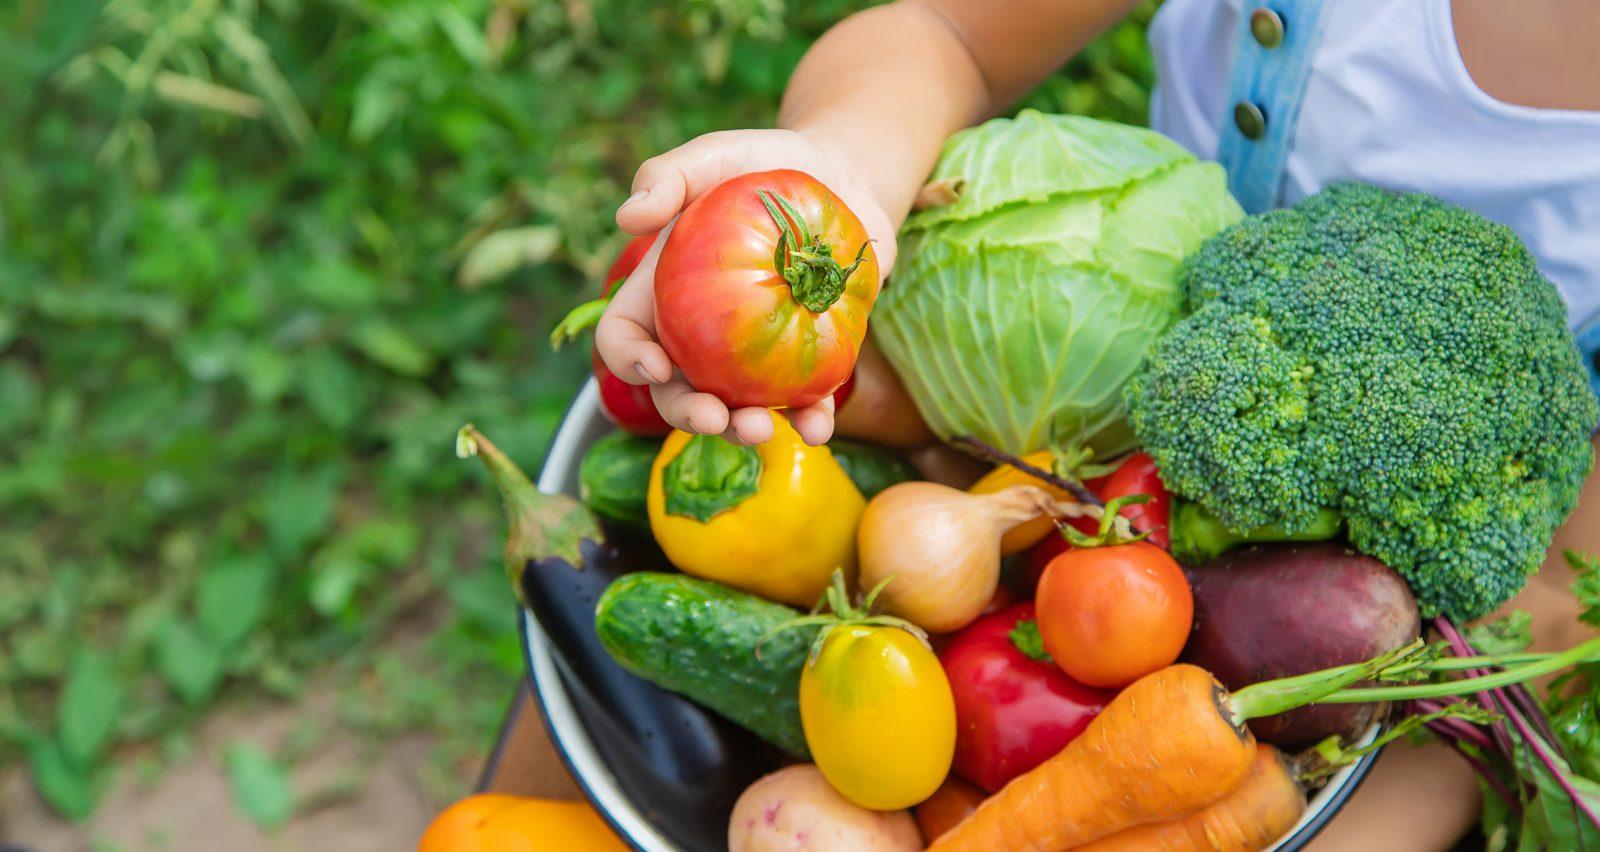 Le Collectif 21 a remis 250 kilos de fruits et de légumes au Centre d'action bénévole de Boucherville cet été